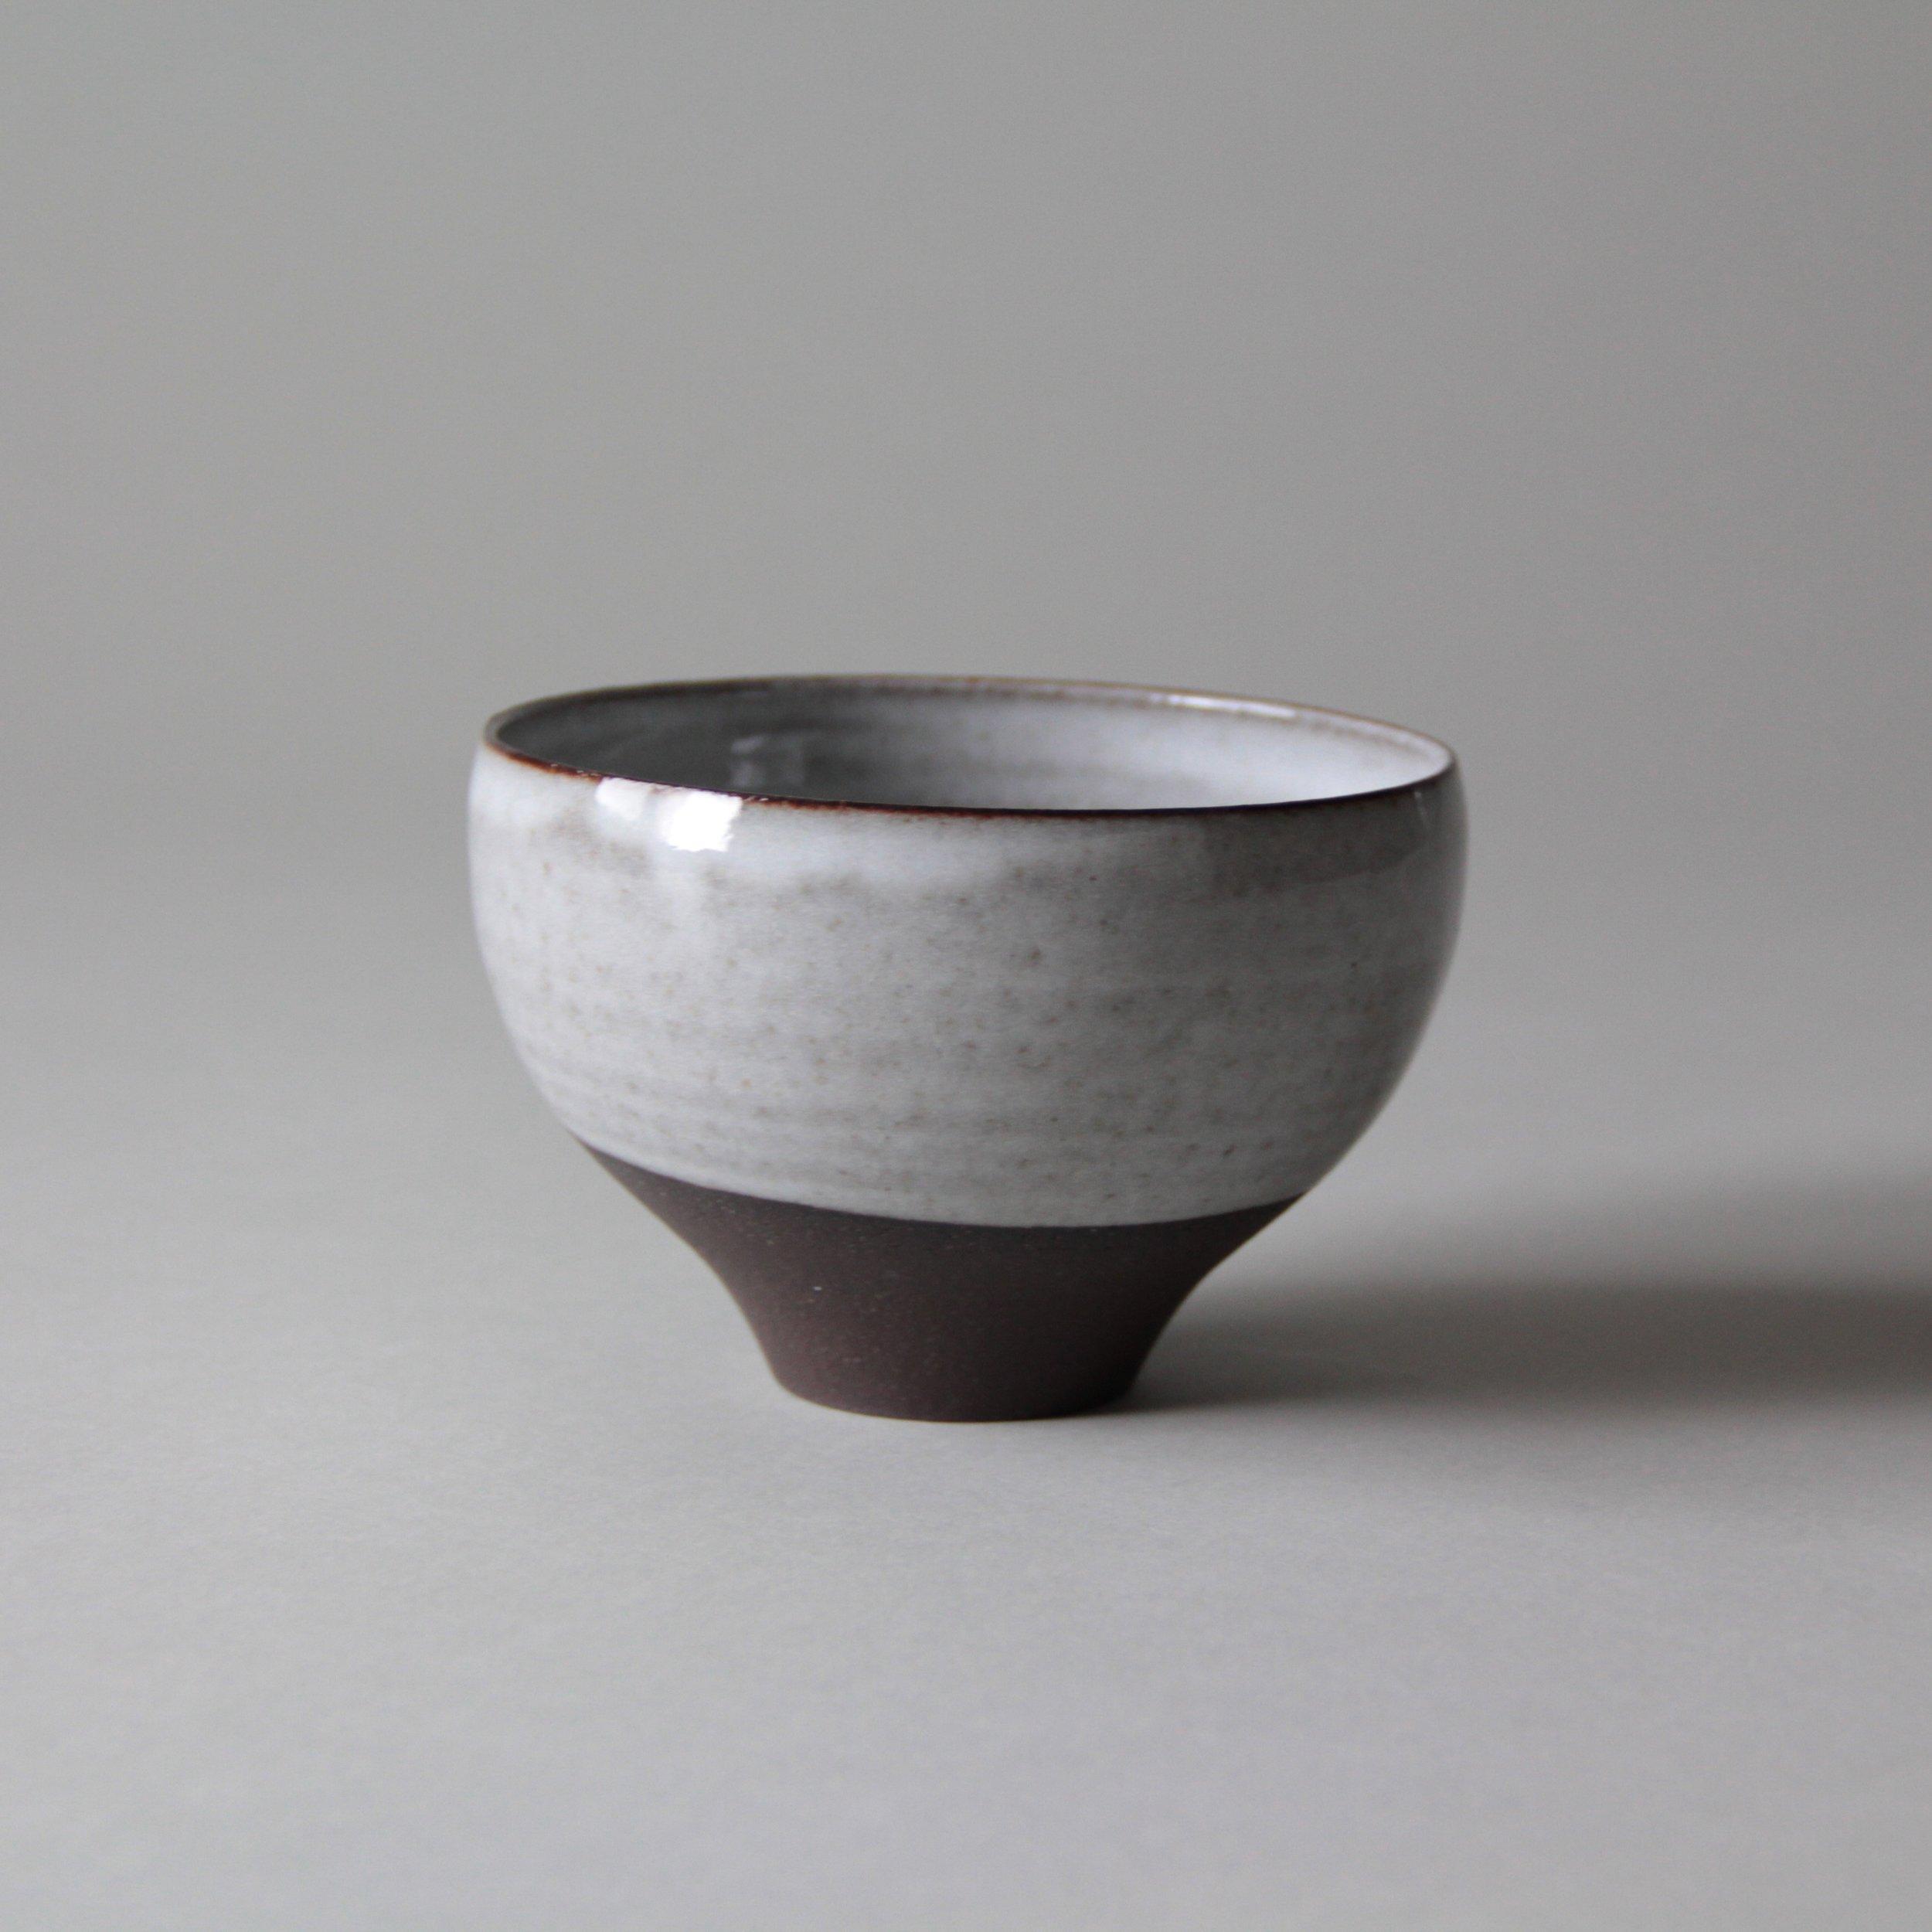 Stoneware ceramic bowl by Lilith Rockett, Portland, Oregon